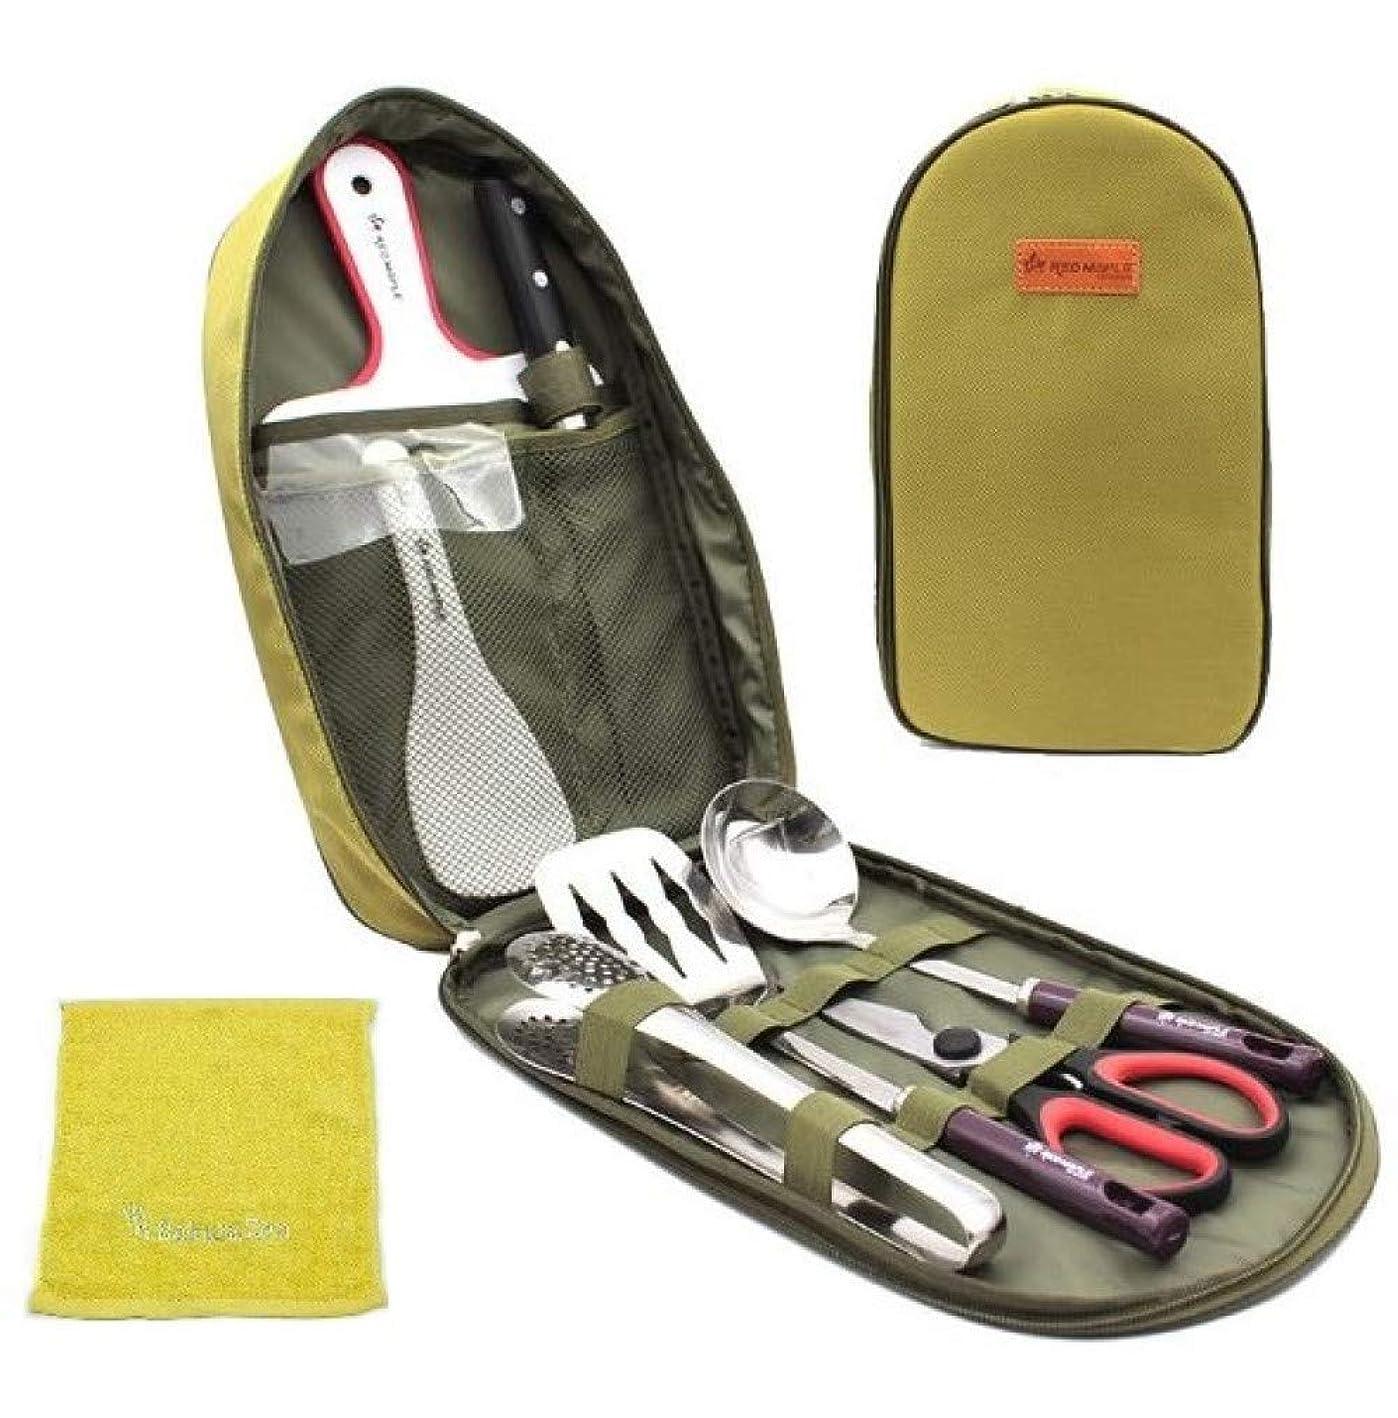 名誉手荷物ステレオSakuraZen バーベキュー 調理器具 BBQ セット キャンプ アウトドア 防災 9ピース